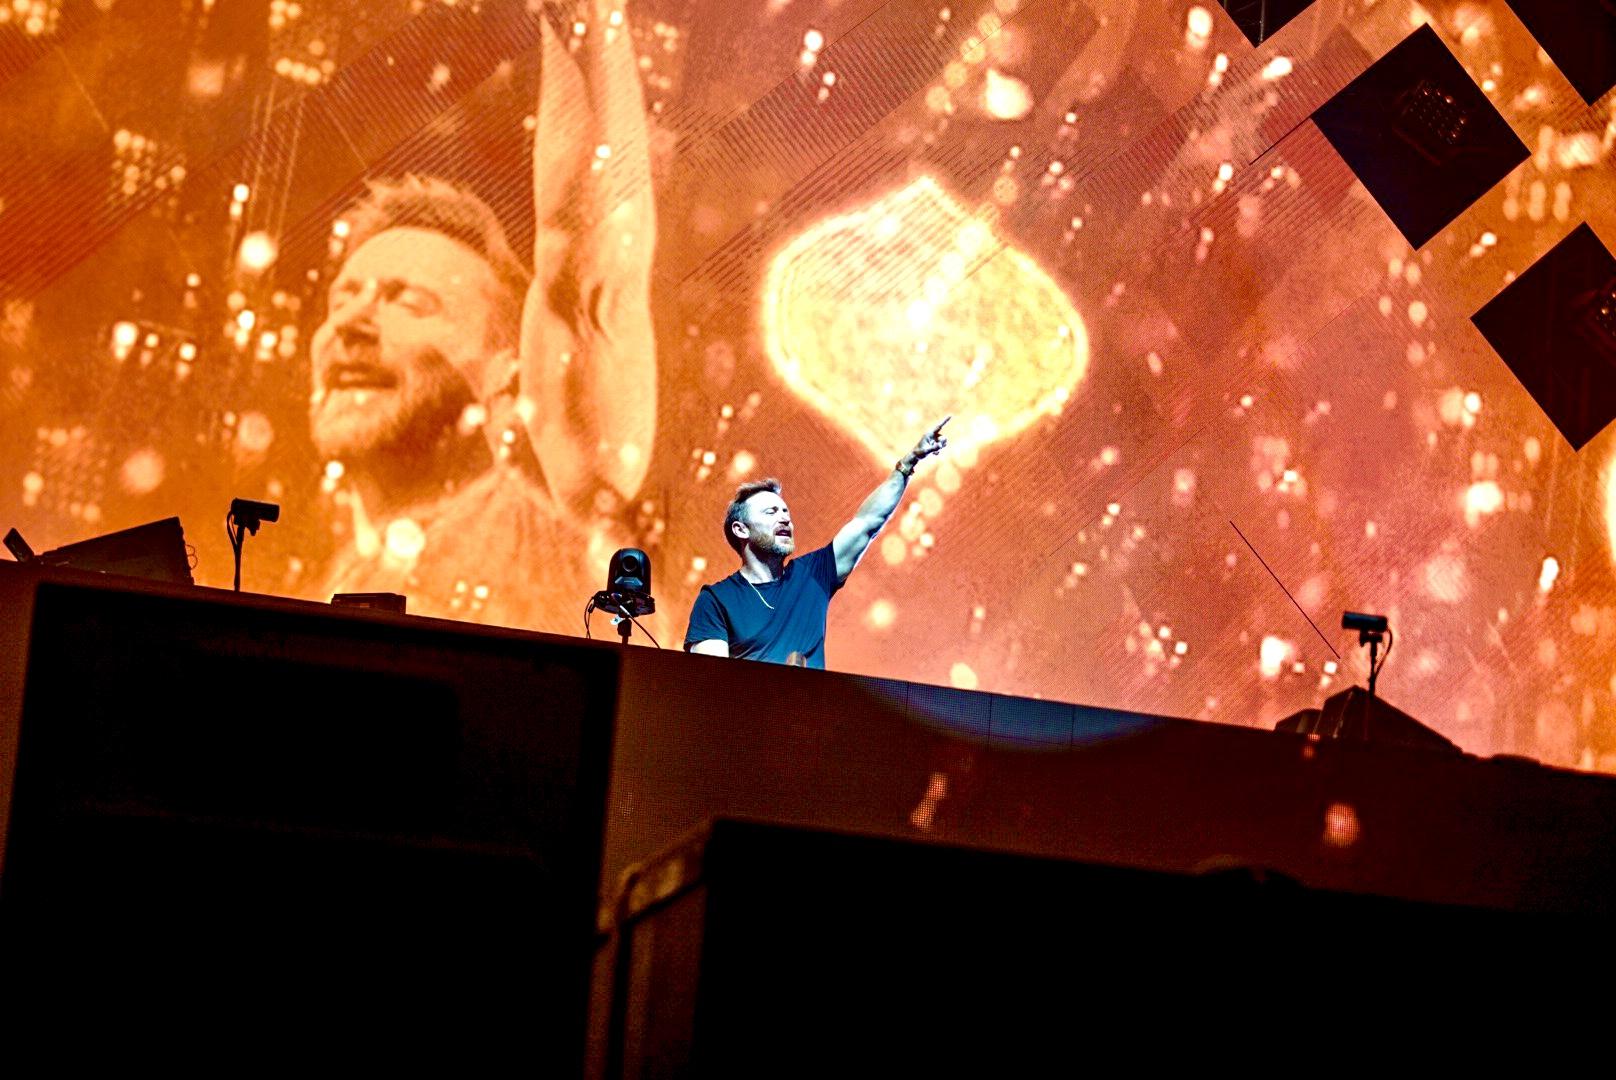 Et le meilleur pour la fin, David Guetta